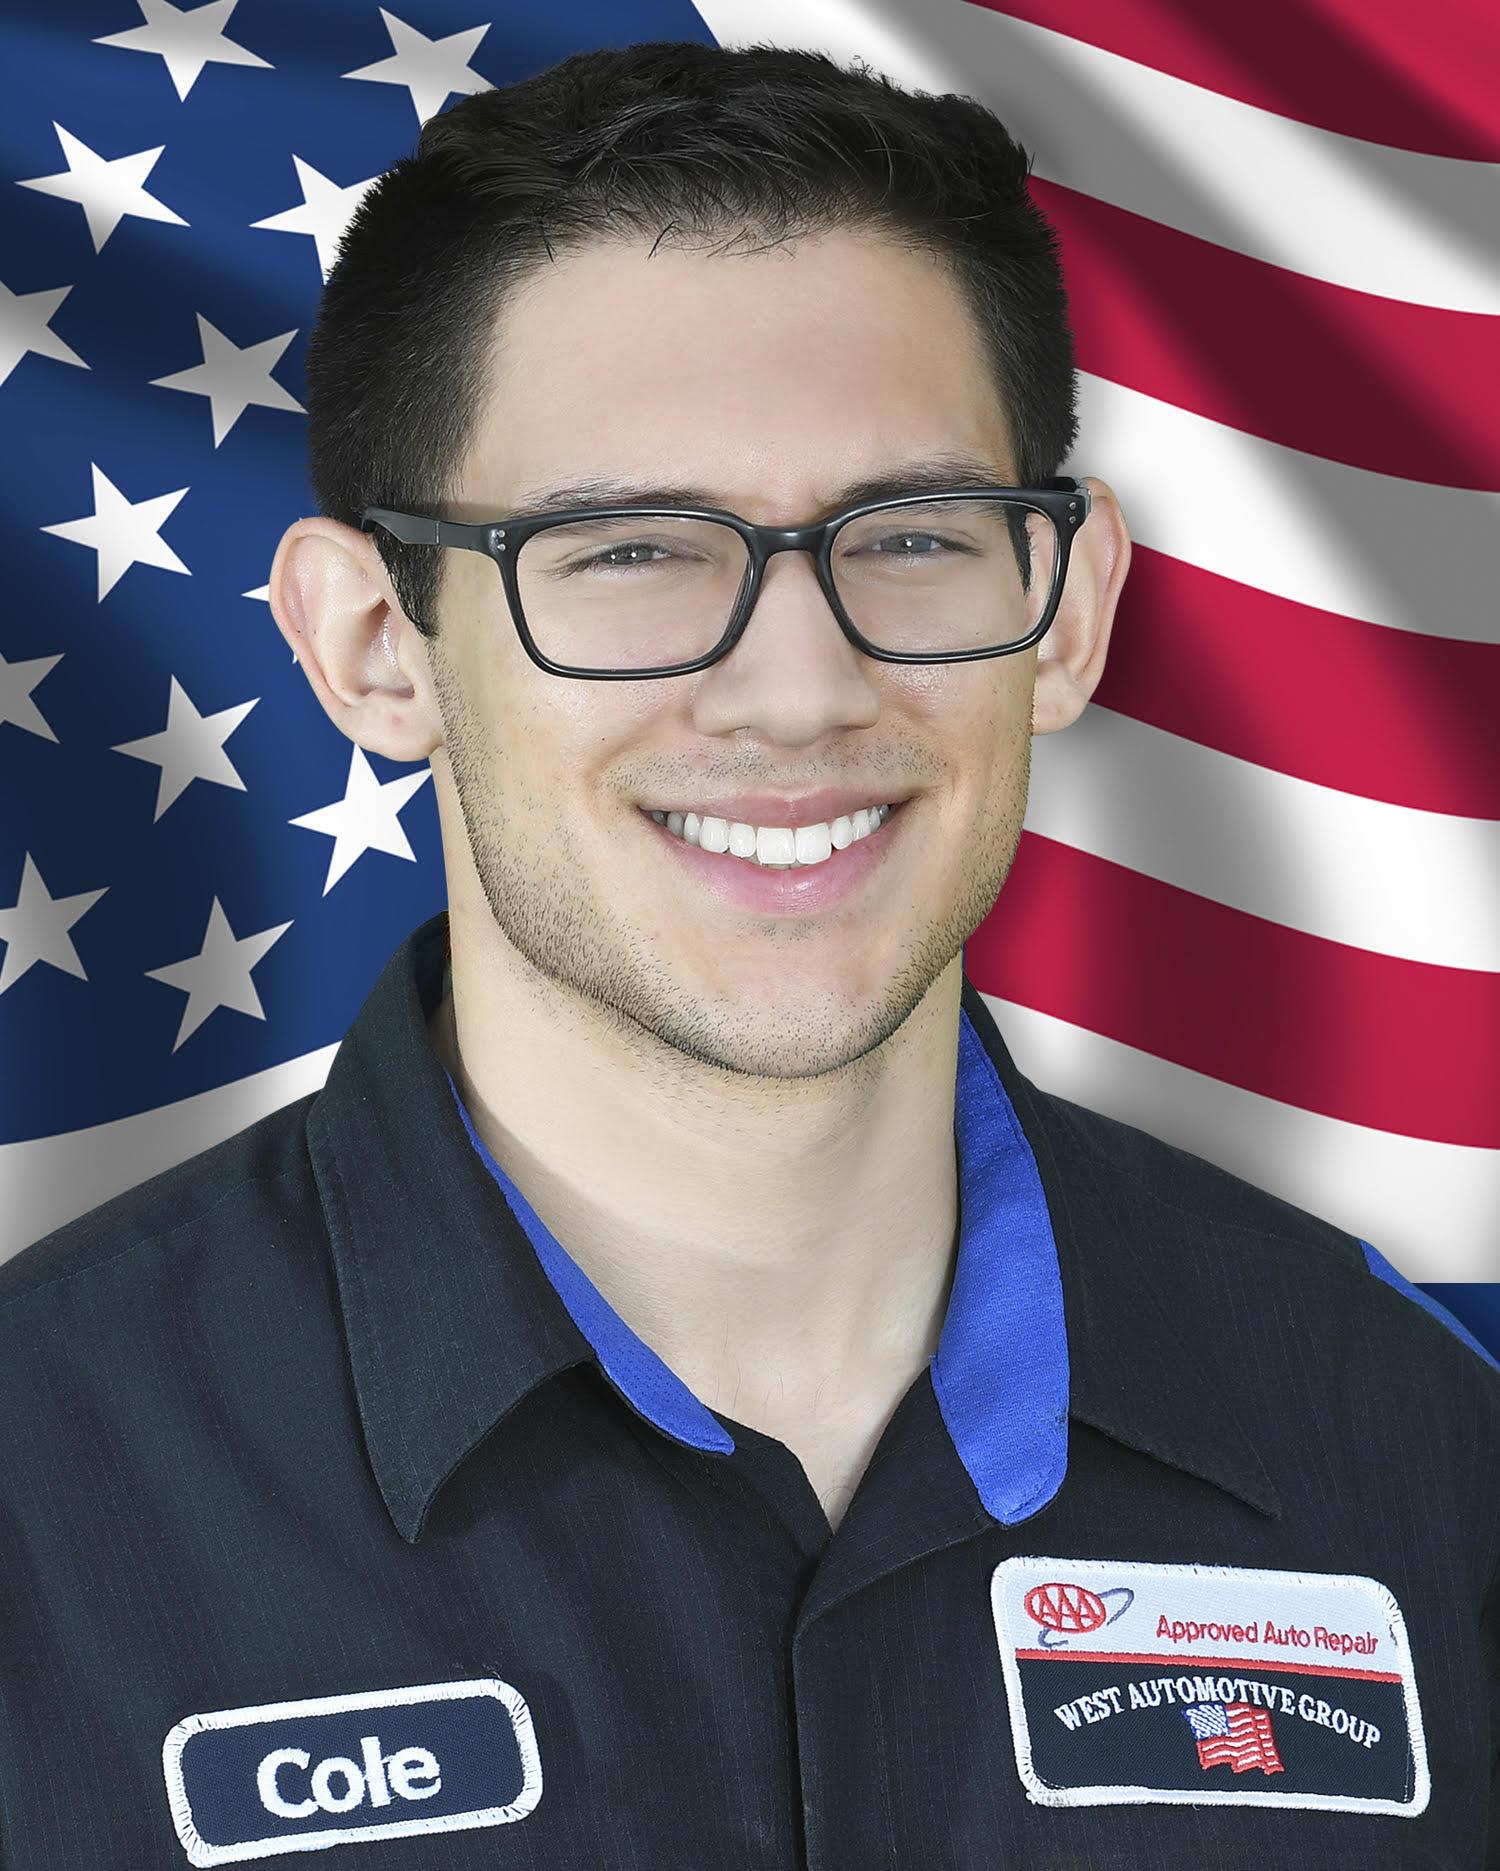 Cole Contreras